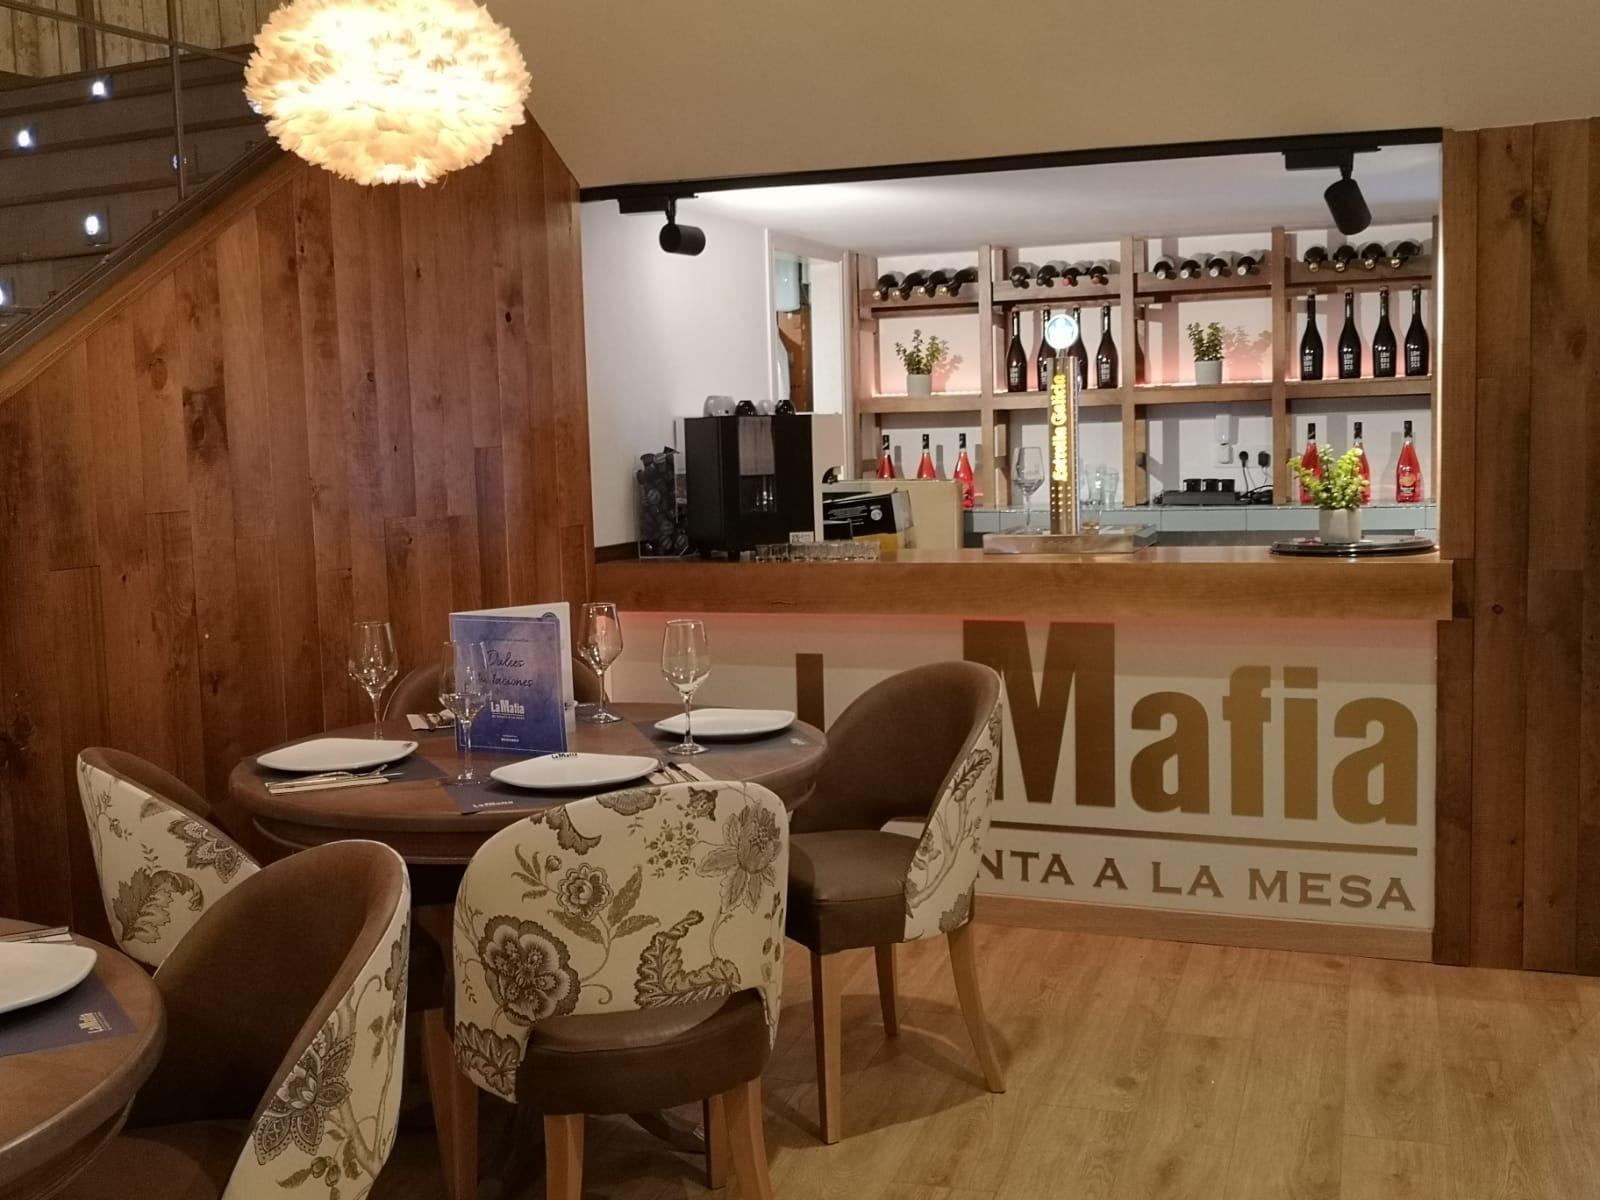 salamanca 2 - 'La Mafia se sienta a la mesa' llega a Salamanca